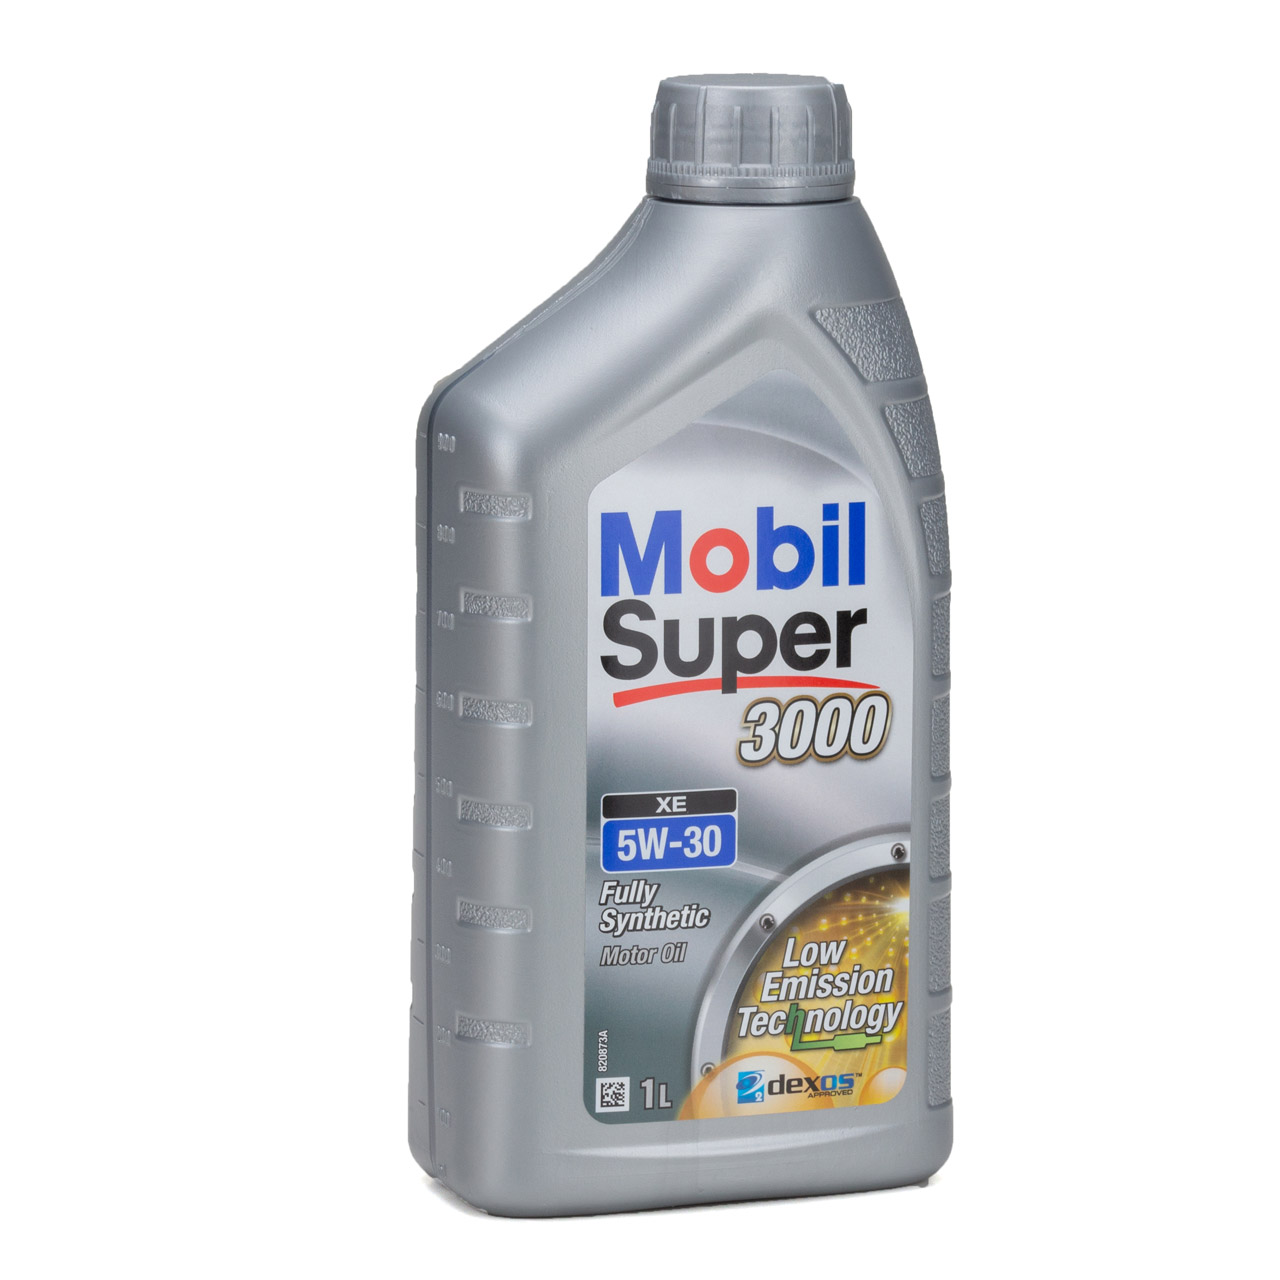 Mobil 3000 SUPER XE Motoröl Öl 5W-30 5W30 dexos2 VW 505.00/505.01 - 1L 1 Liter